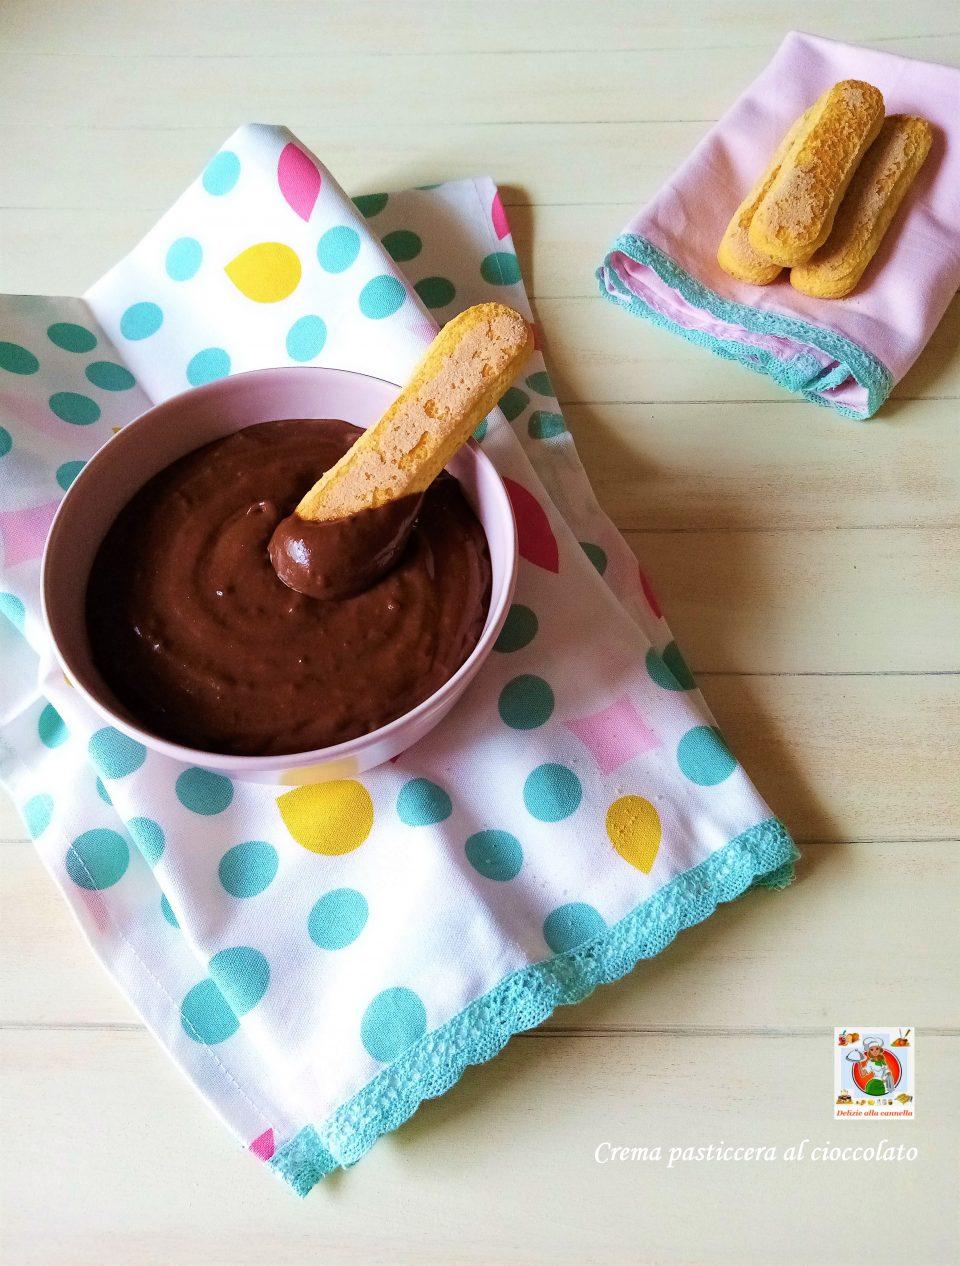 crema pasticcera al cioccolato v1